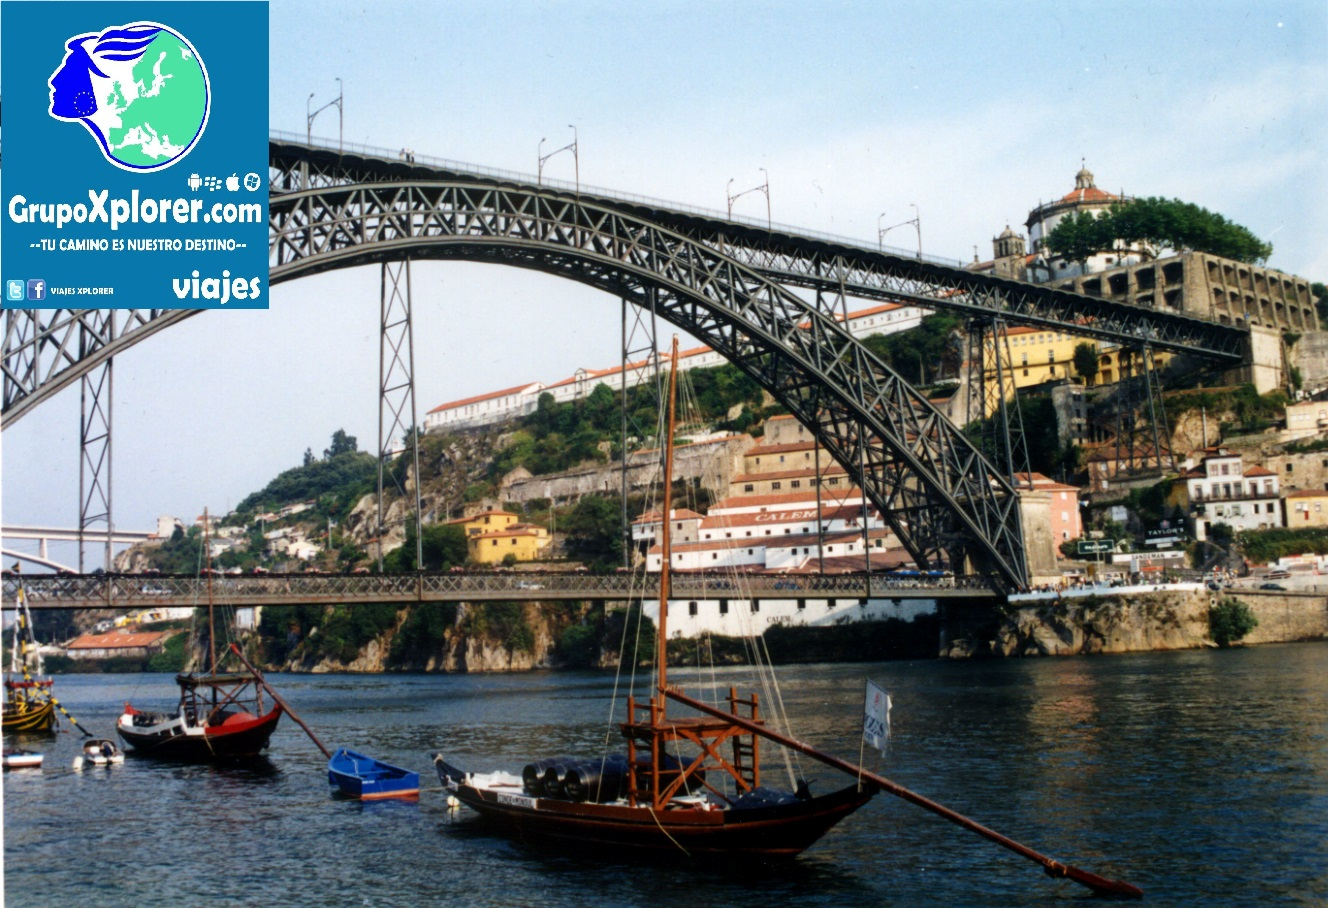 Oporto_(Ponte_do_Douro)